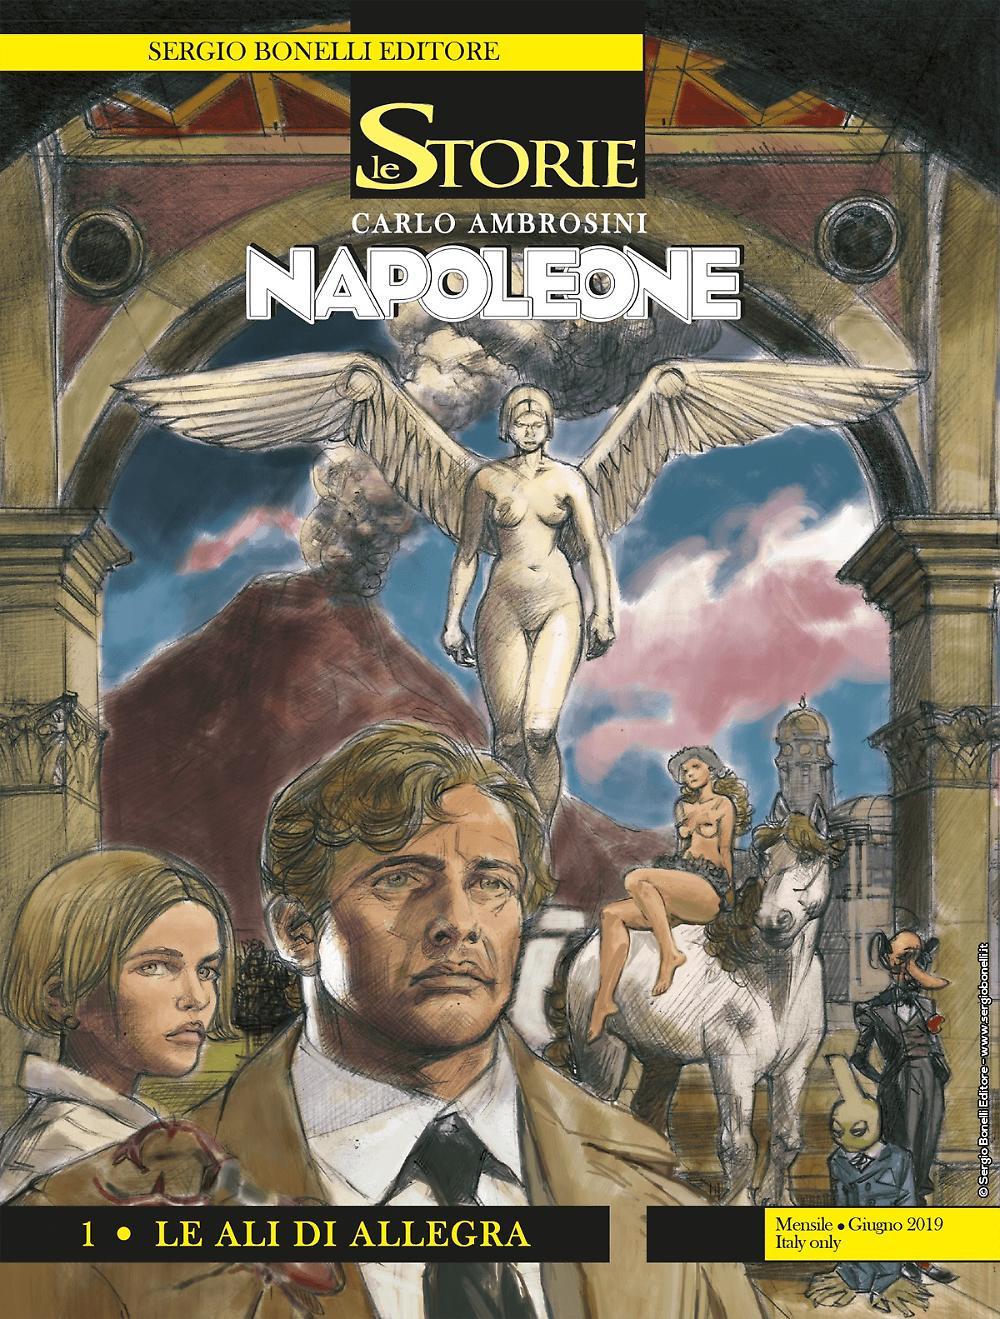 Le Storie 81: Napoleone 1 - Le ali di Allegra, copertina di Carlo Ambrosini